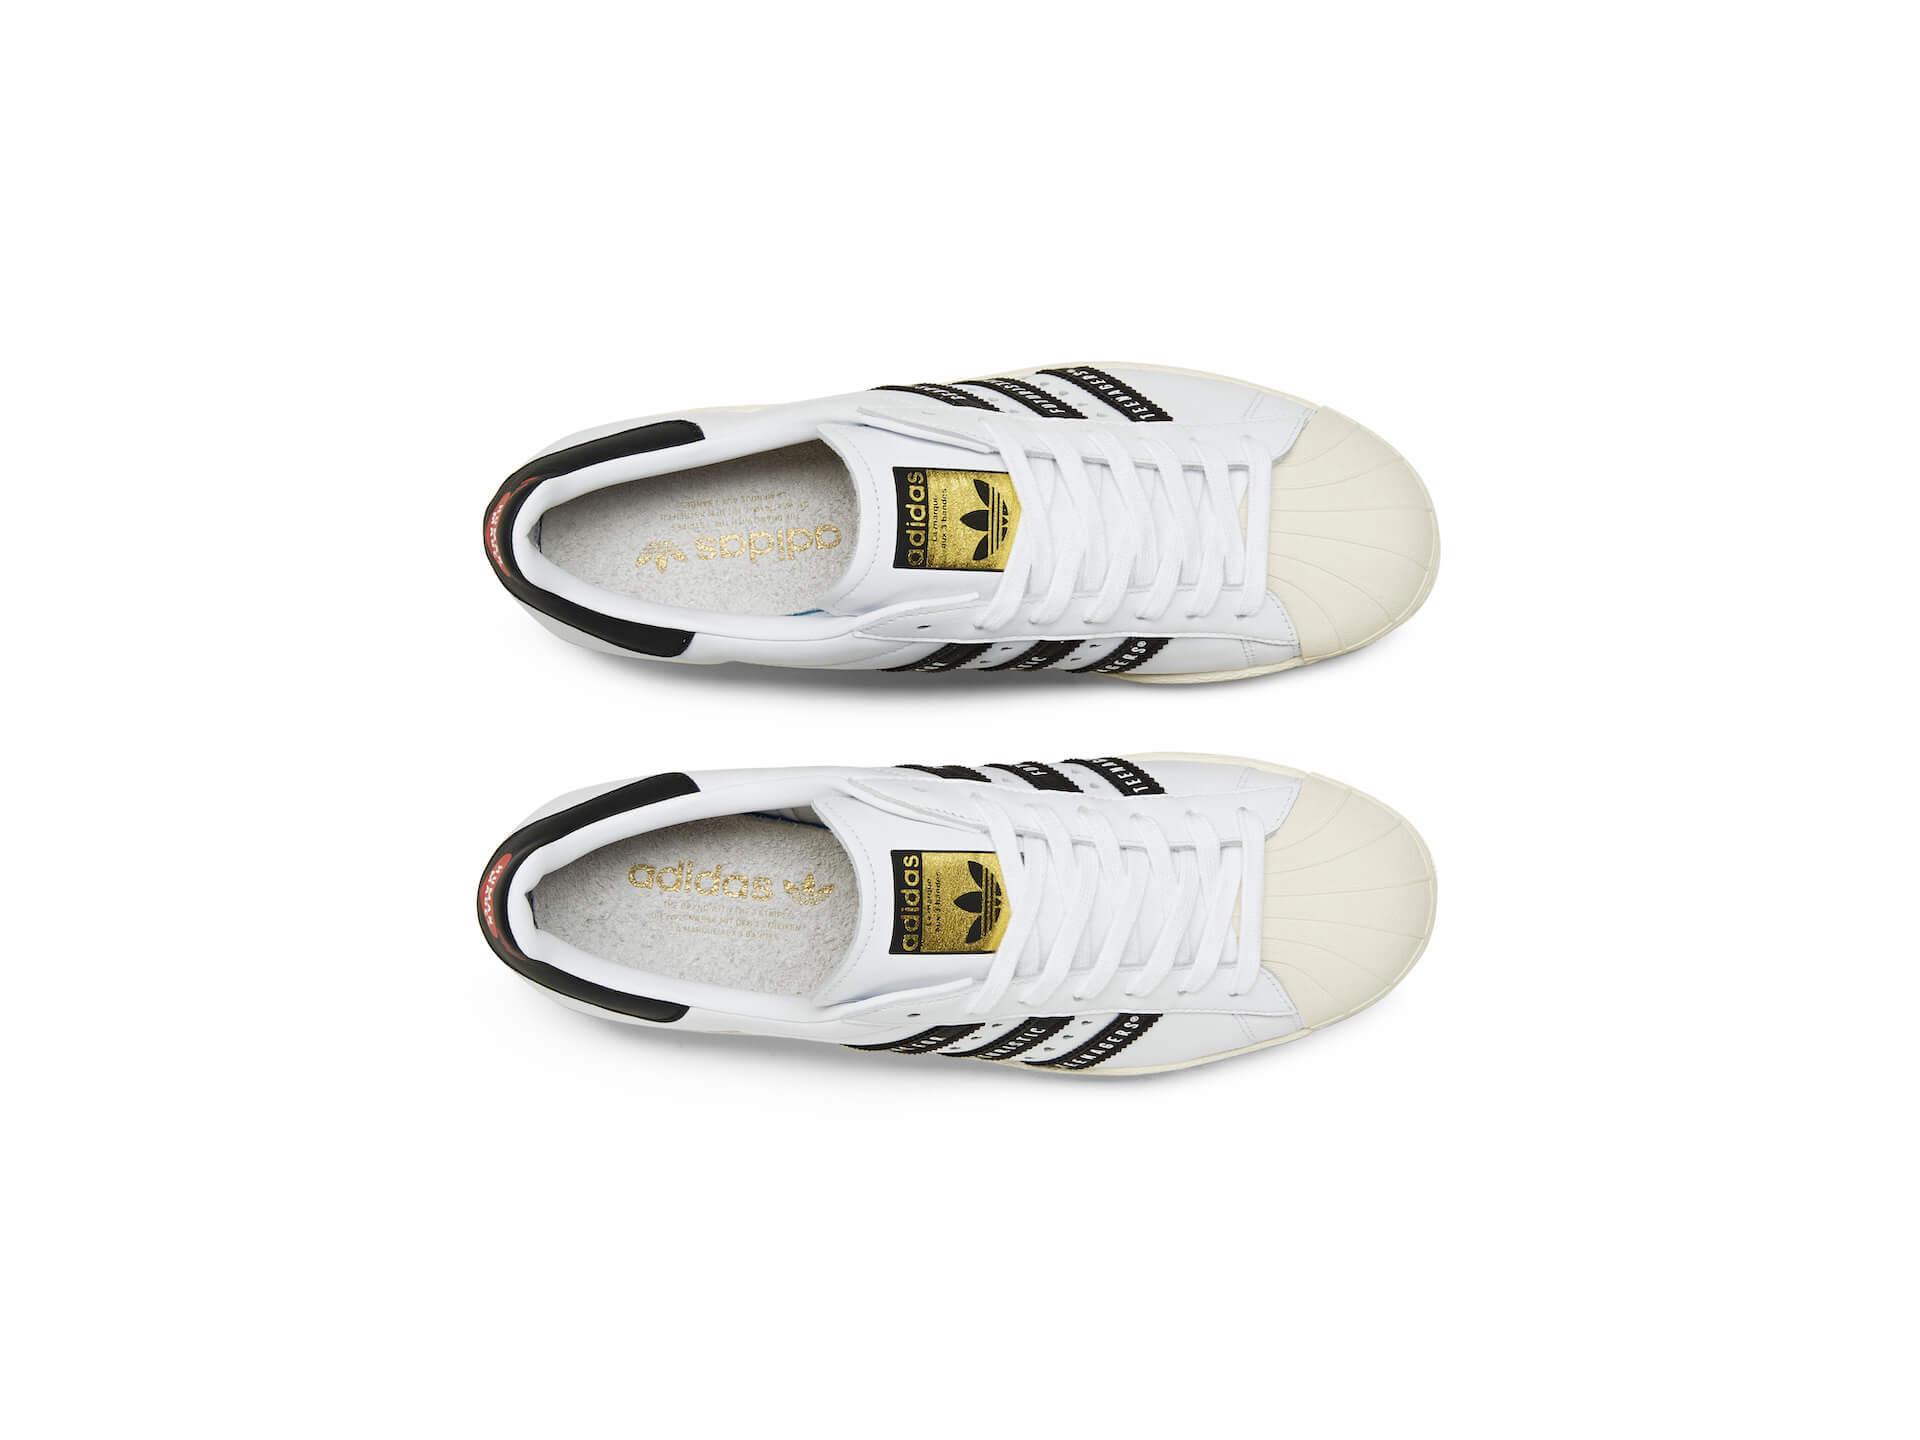 adidas OriginalsとNIGOがコラボ!ハートロゴがあしらわれた『SUPERSTAR』が発売 lf200417_adidashumanmade_11